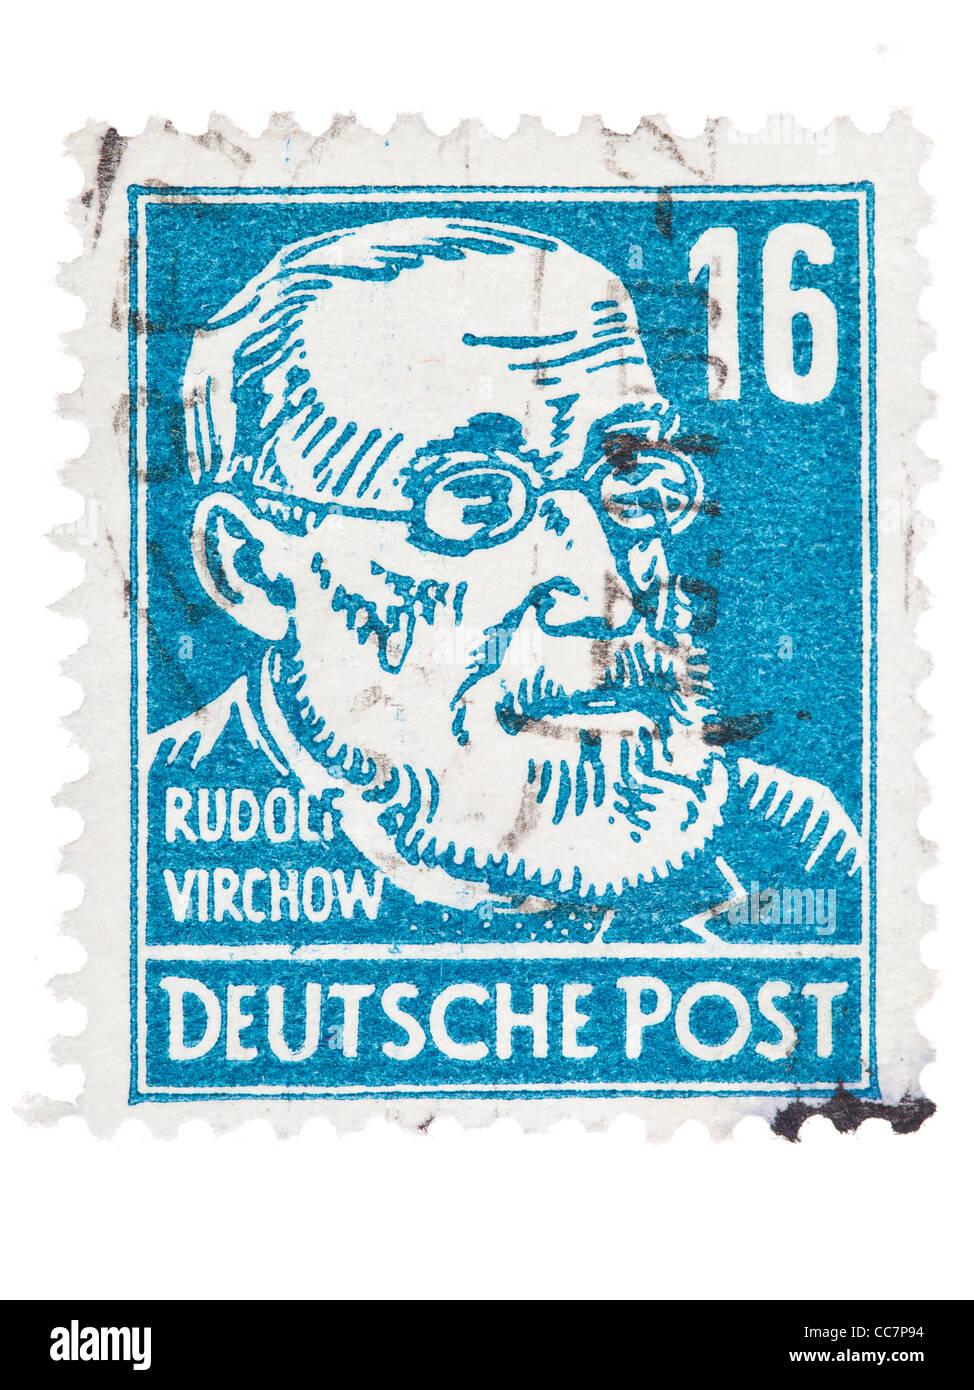 Postage stamp: Deutsche Post, DDR, 1952, Rudolf Virchow, 16 Pfennig, stamped - Stock Image